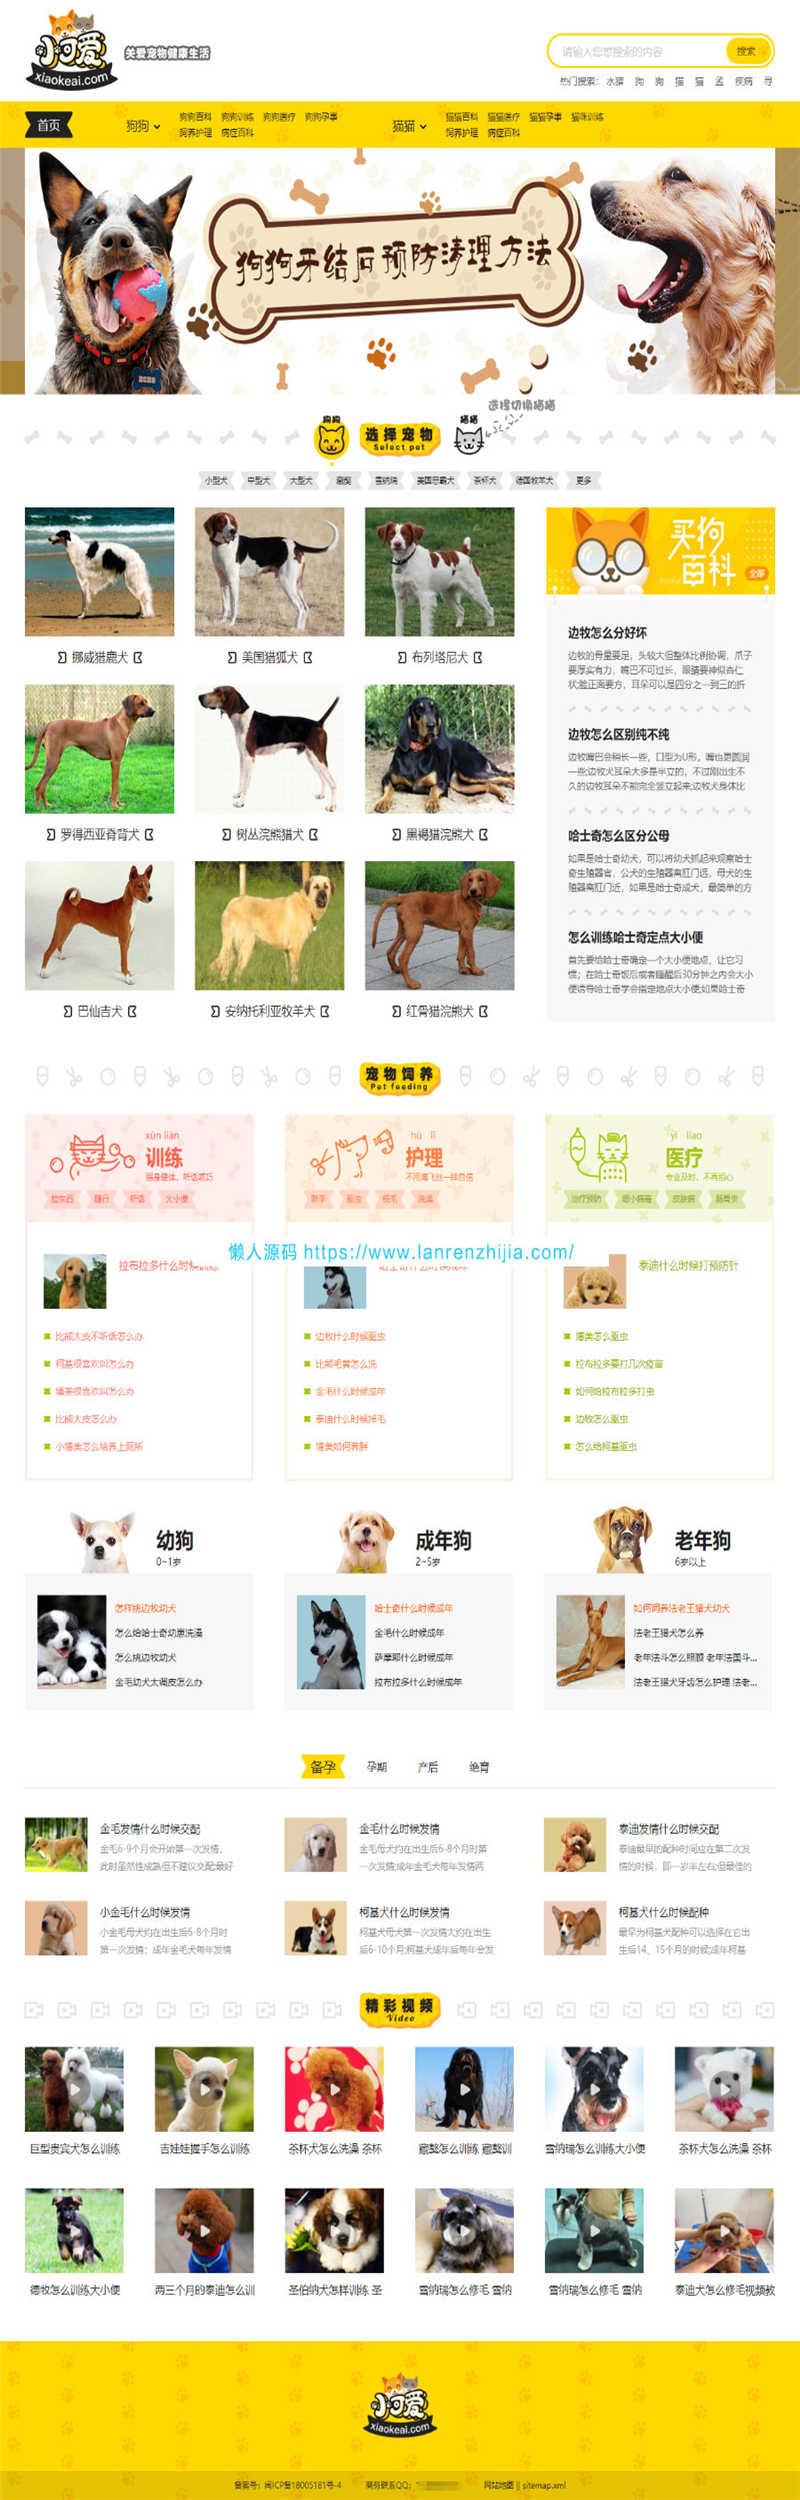 [新闻资讯]帝国CMS内核仿《小可爱宠物网》宠物资讯平台网站源码完整版+火车头采集+手机版-一天源码